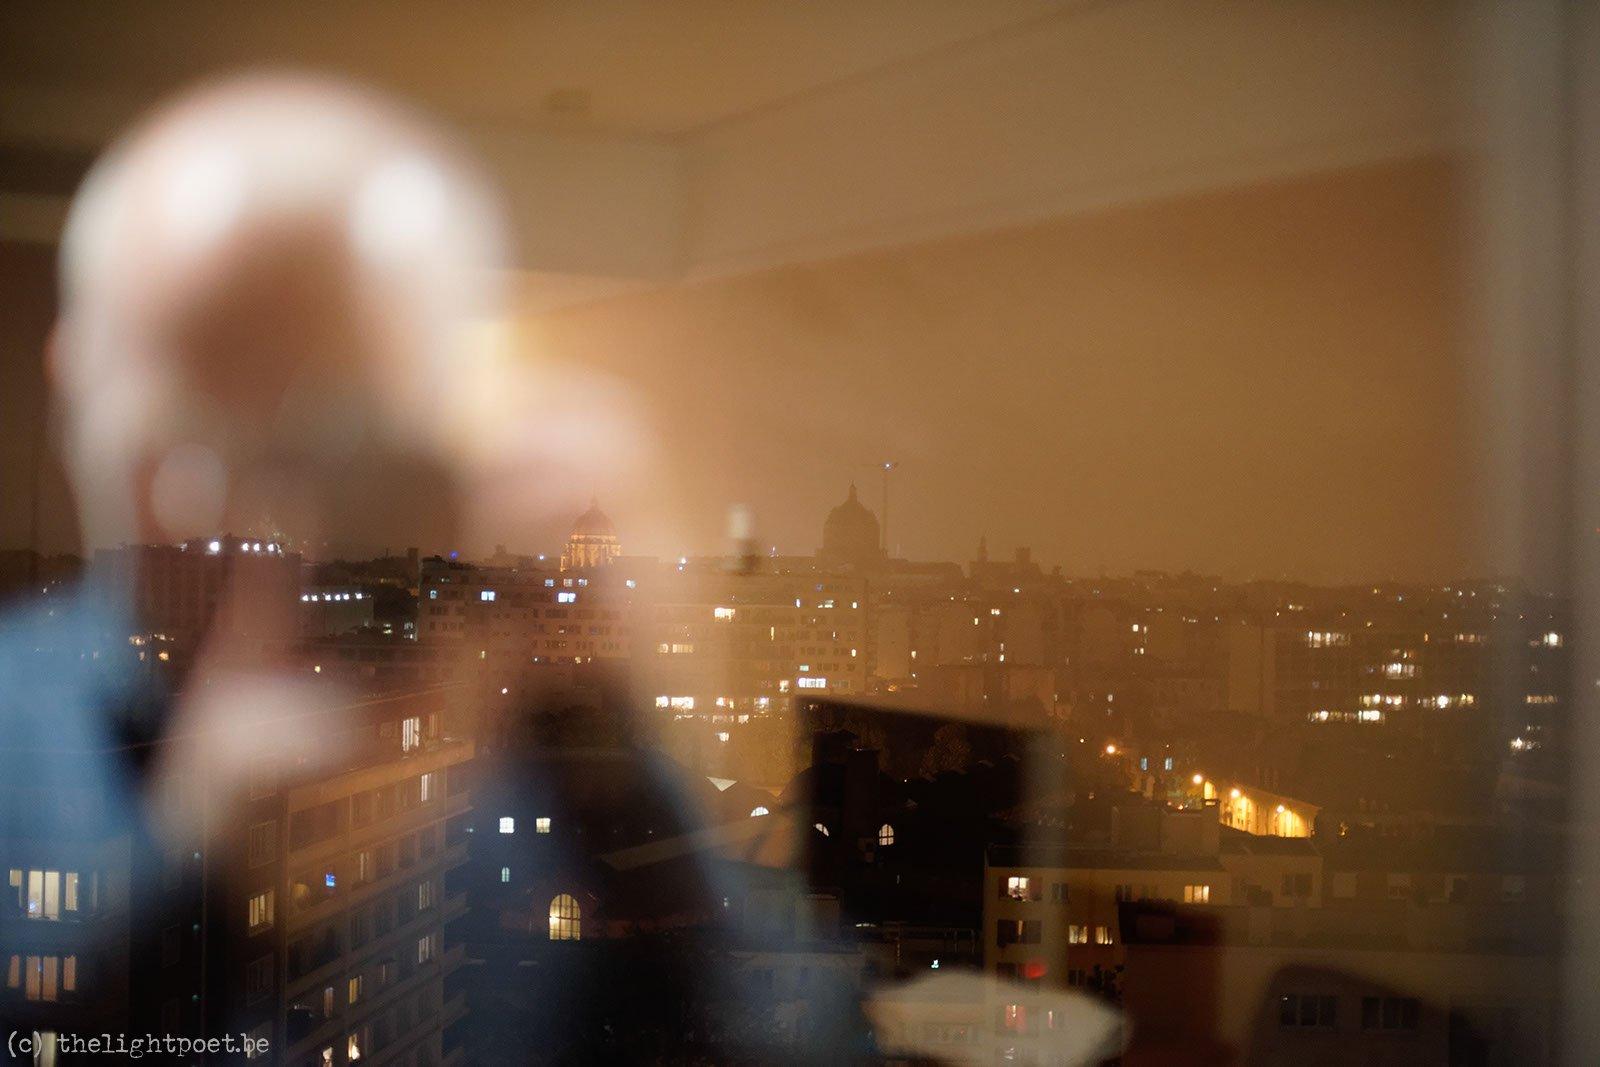 2015_05_Parijs_20150502_224056_DxO_v10.jpg